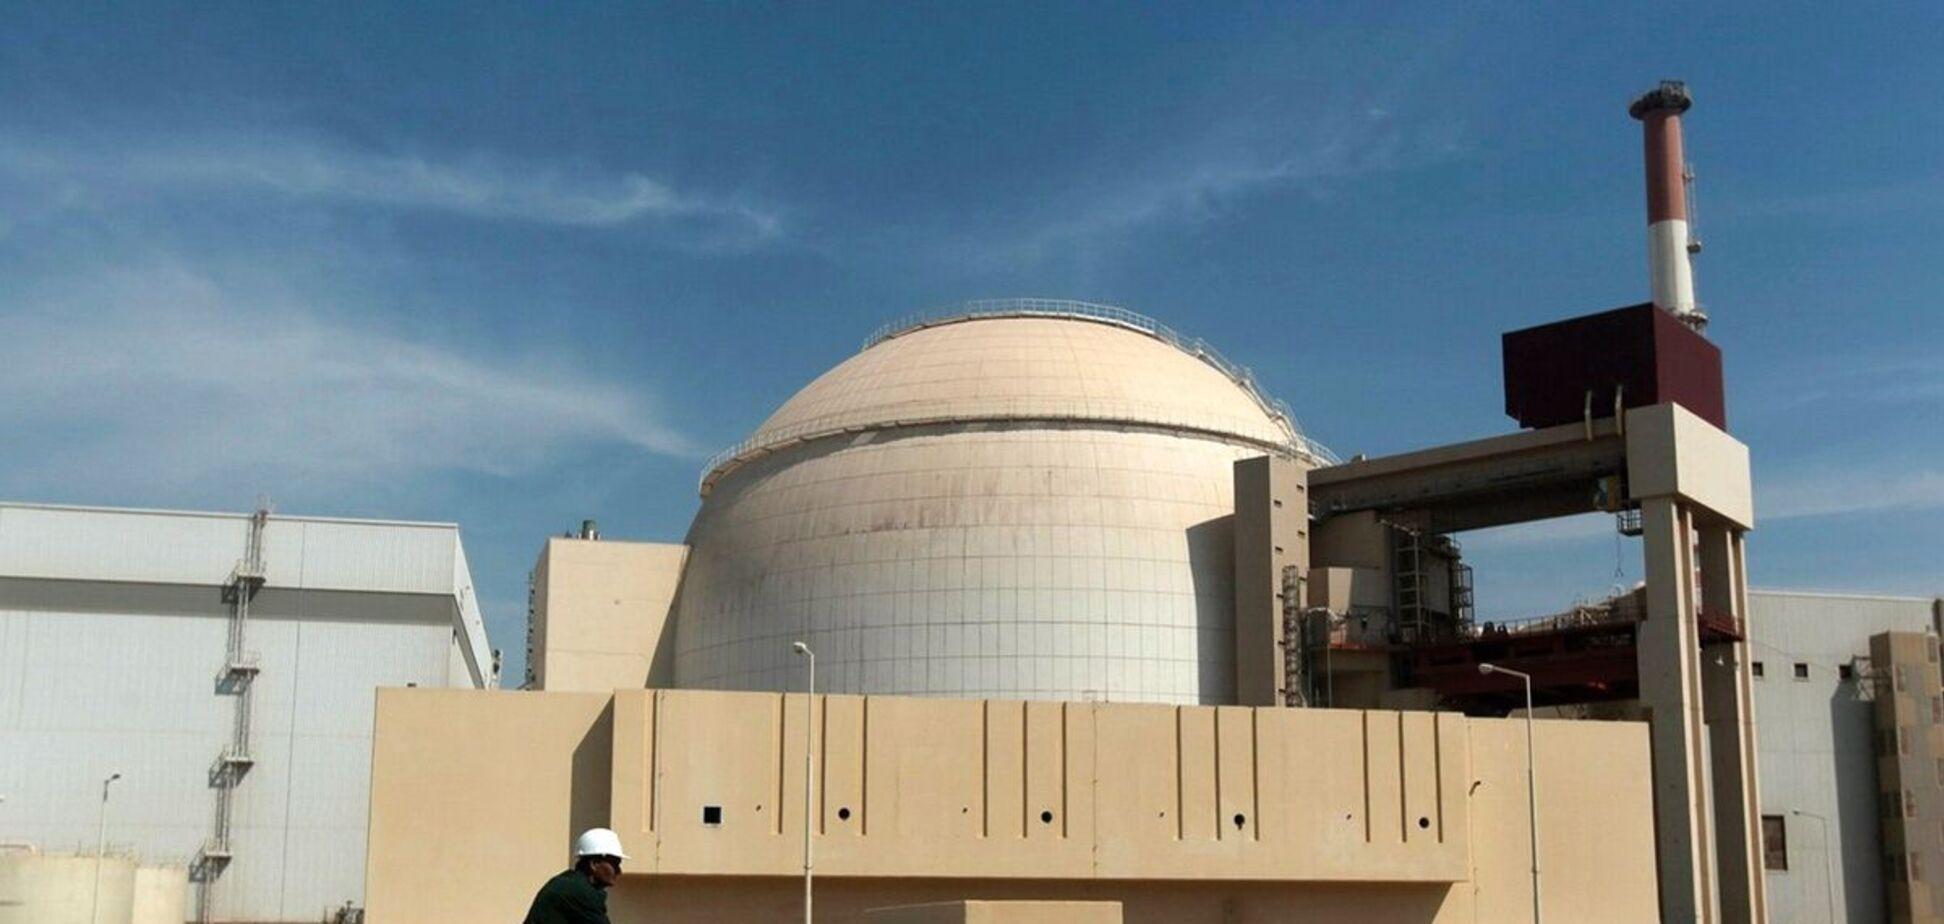 В Ірані трапилася НП на атомній електростанції: що відомо